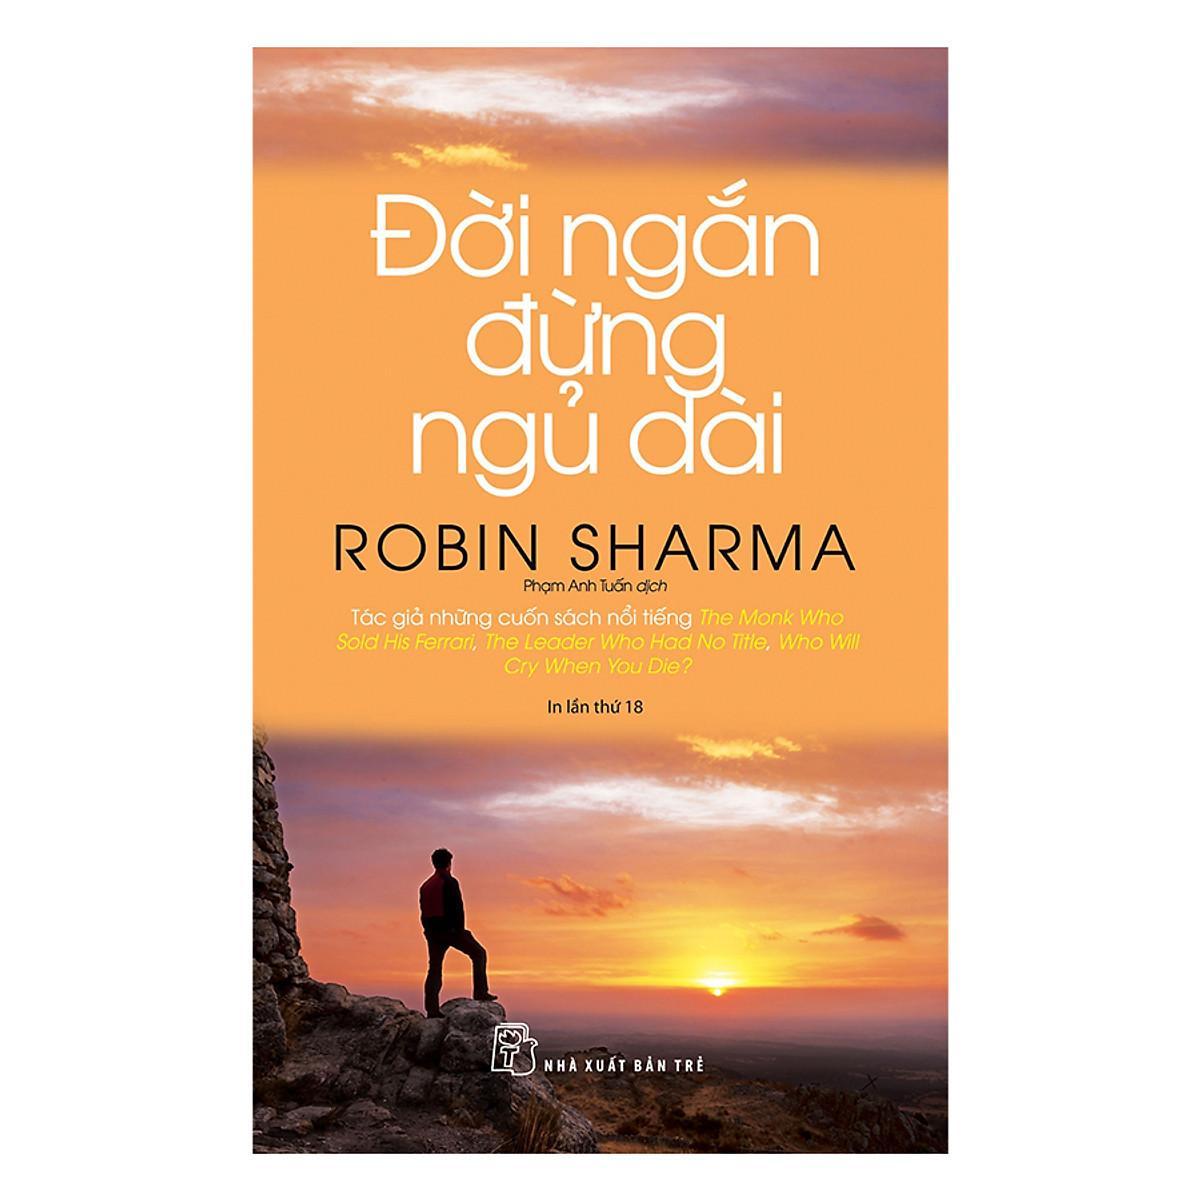 Review Sách Đời ngắn đừng ngủ dài của Robin Sharma